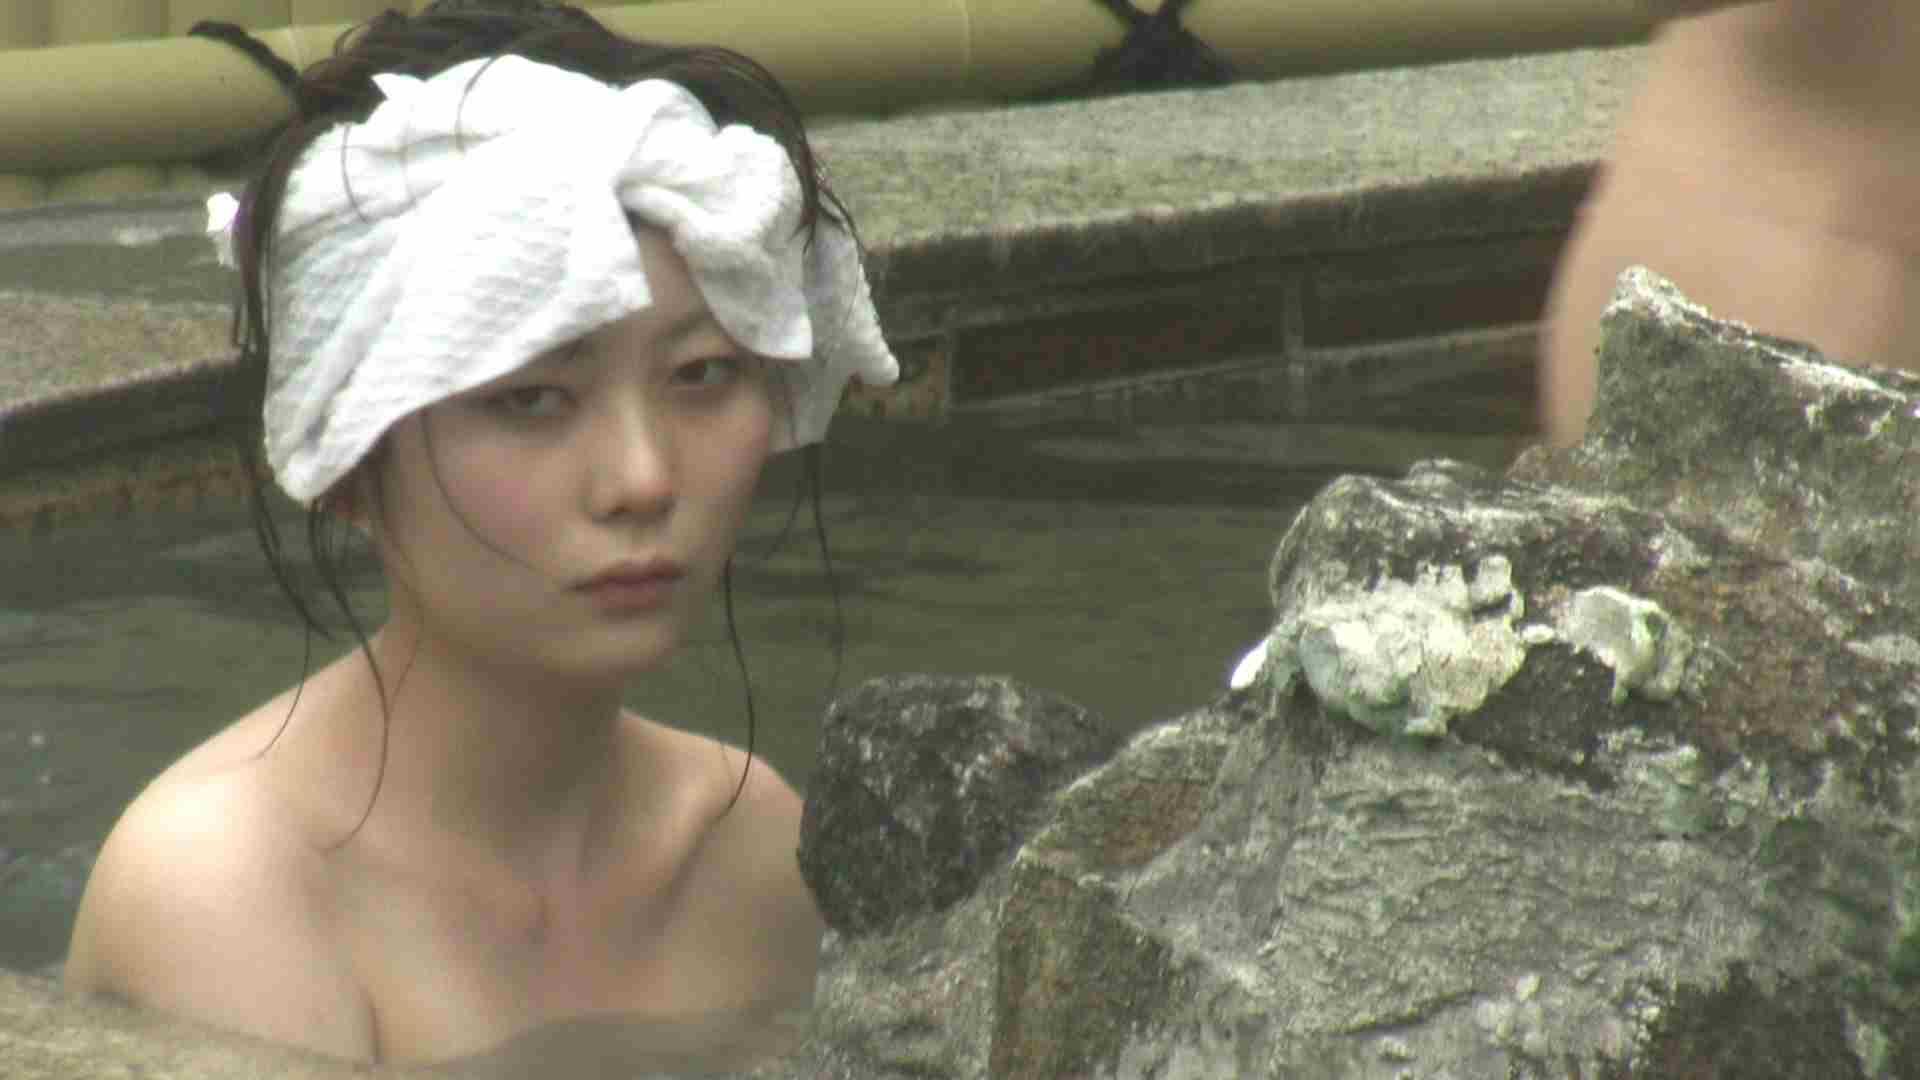 Aquaな露天風呂Vol.147 盗撮  85画像 27